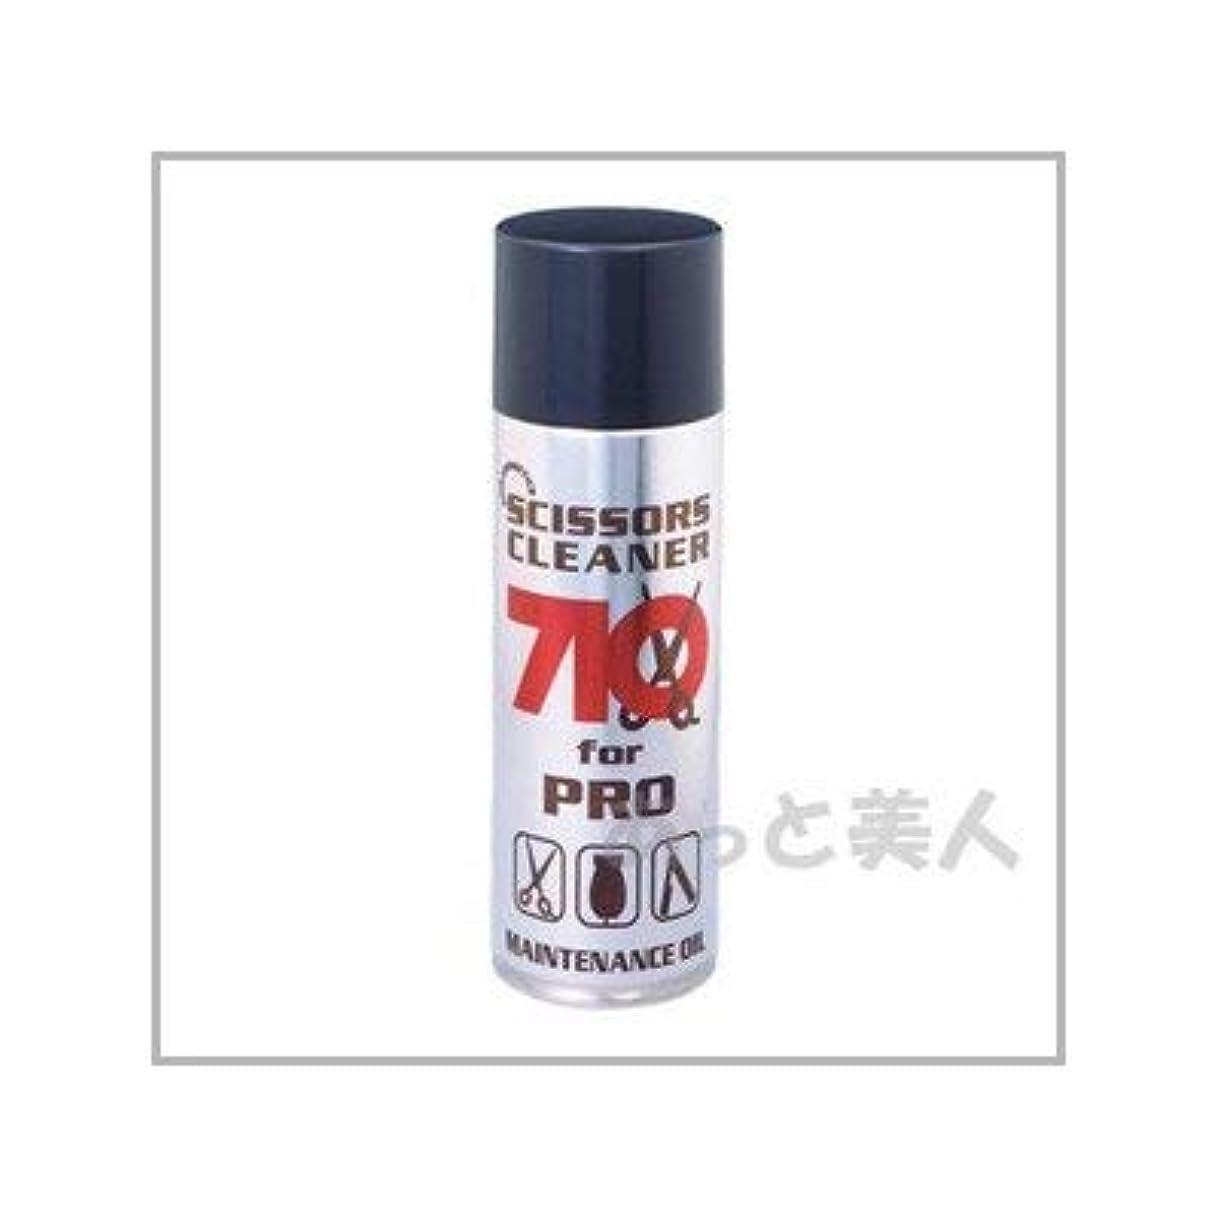 体細胞わずかな活性化するシザーズクリーナーオイル710 220ml(スプレータイプ)